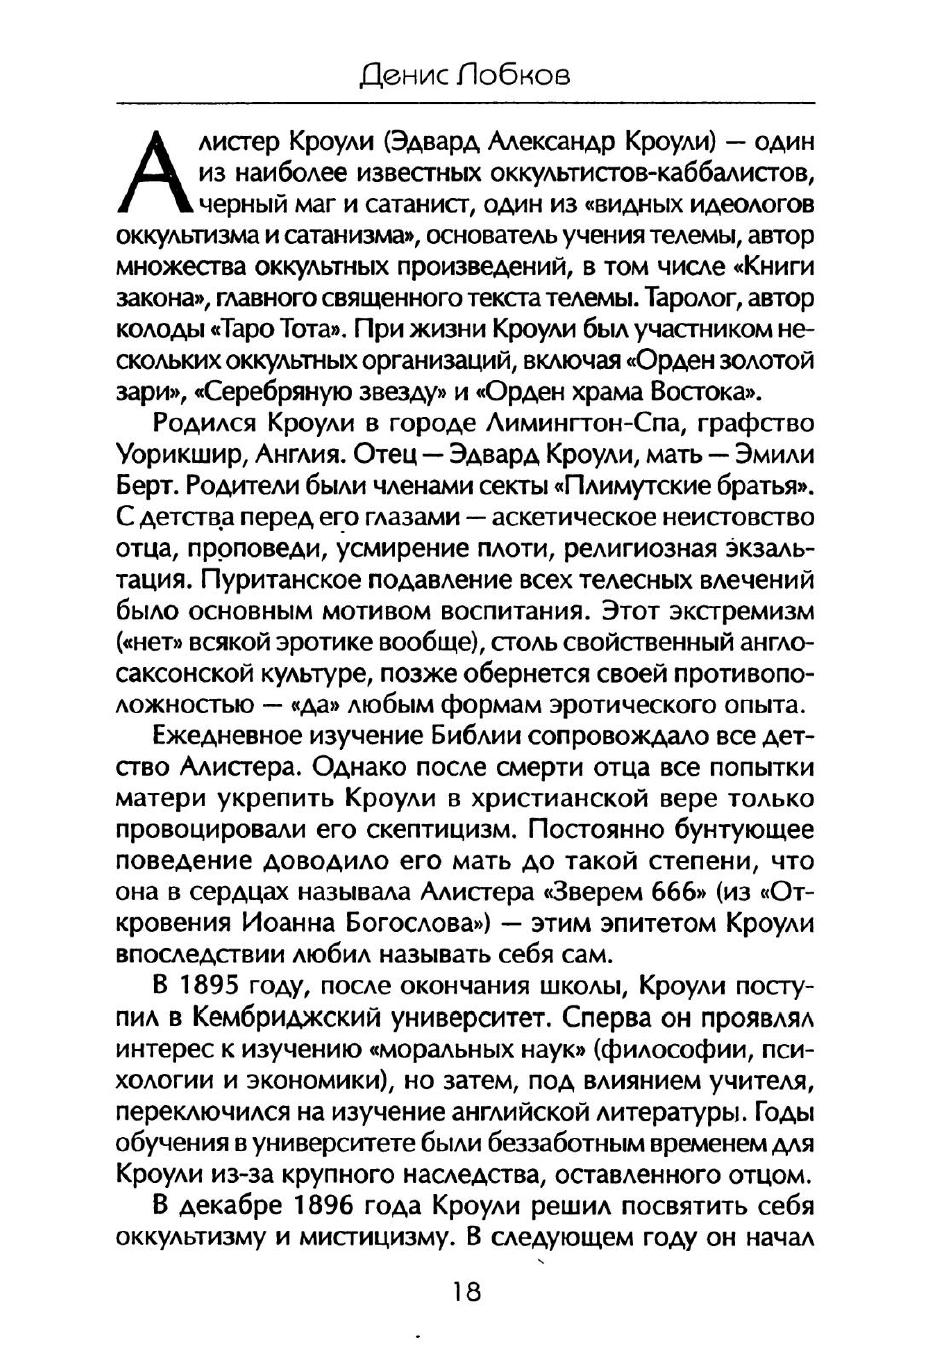 http://images.vfl.ru/ii/1407266717/f5d66243/5908733.jpg